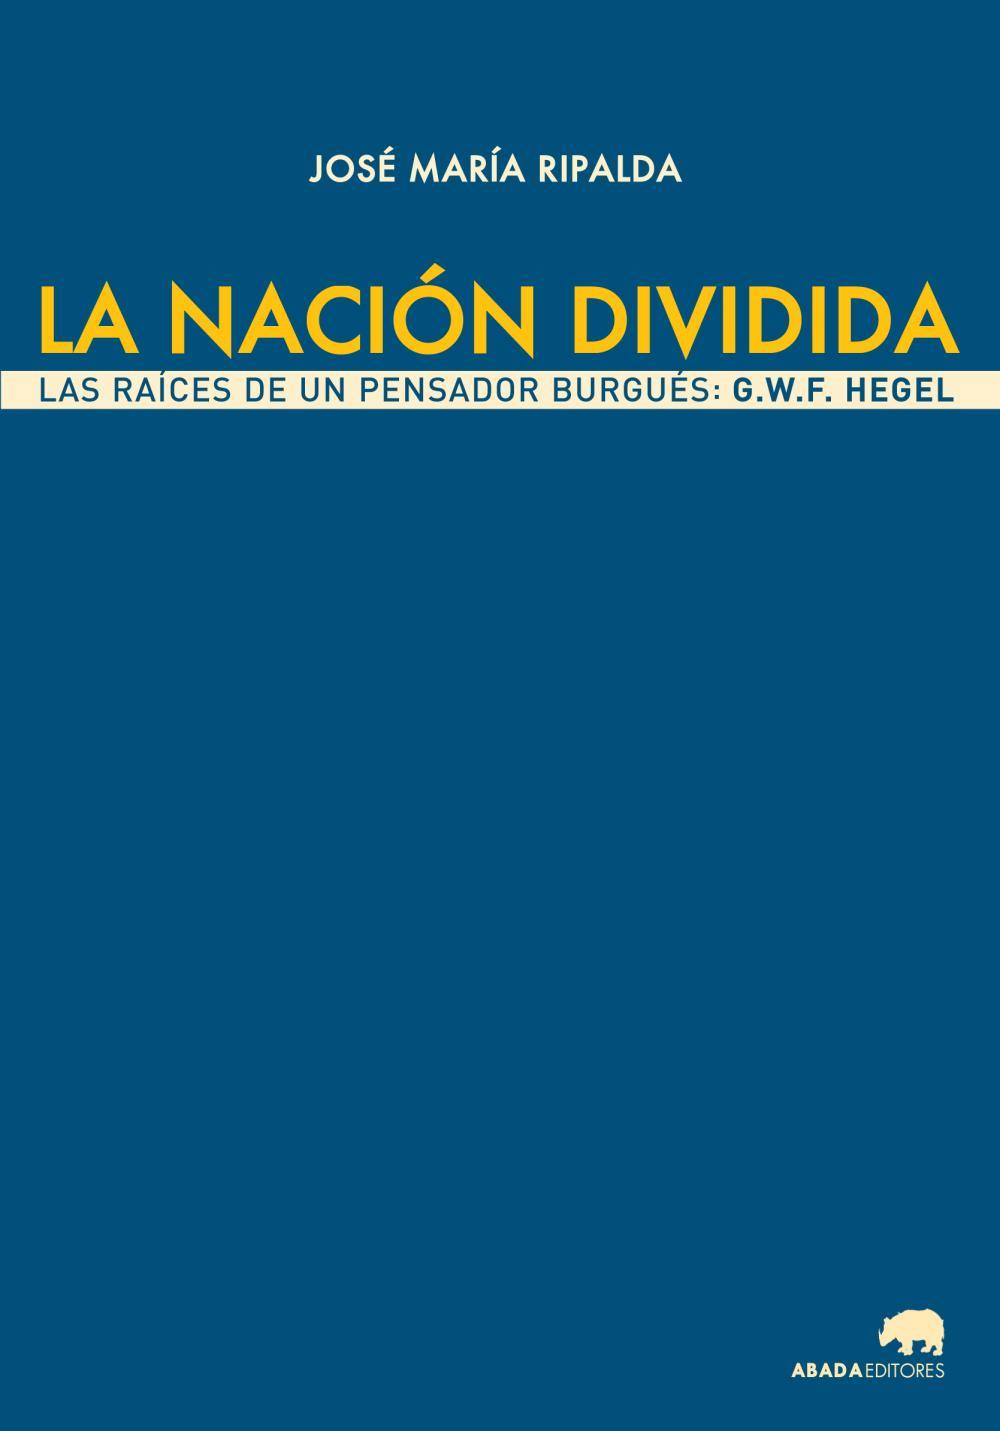 La nación dividida